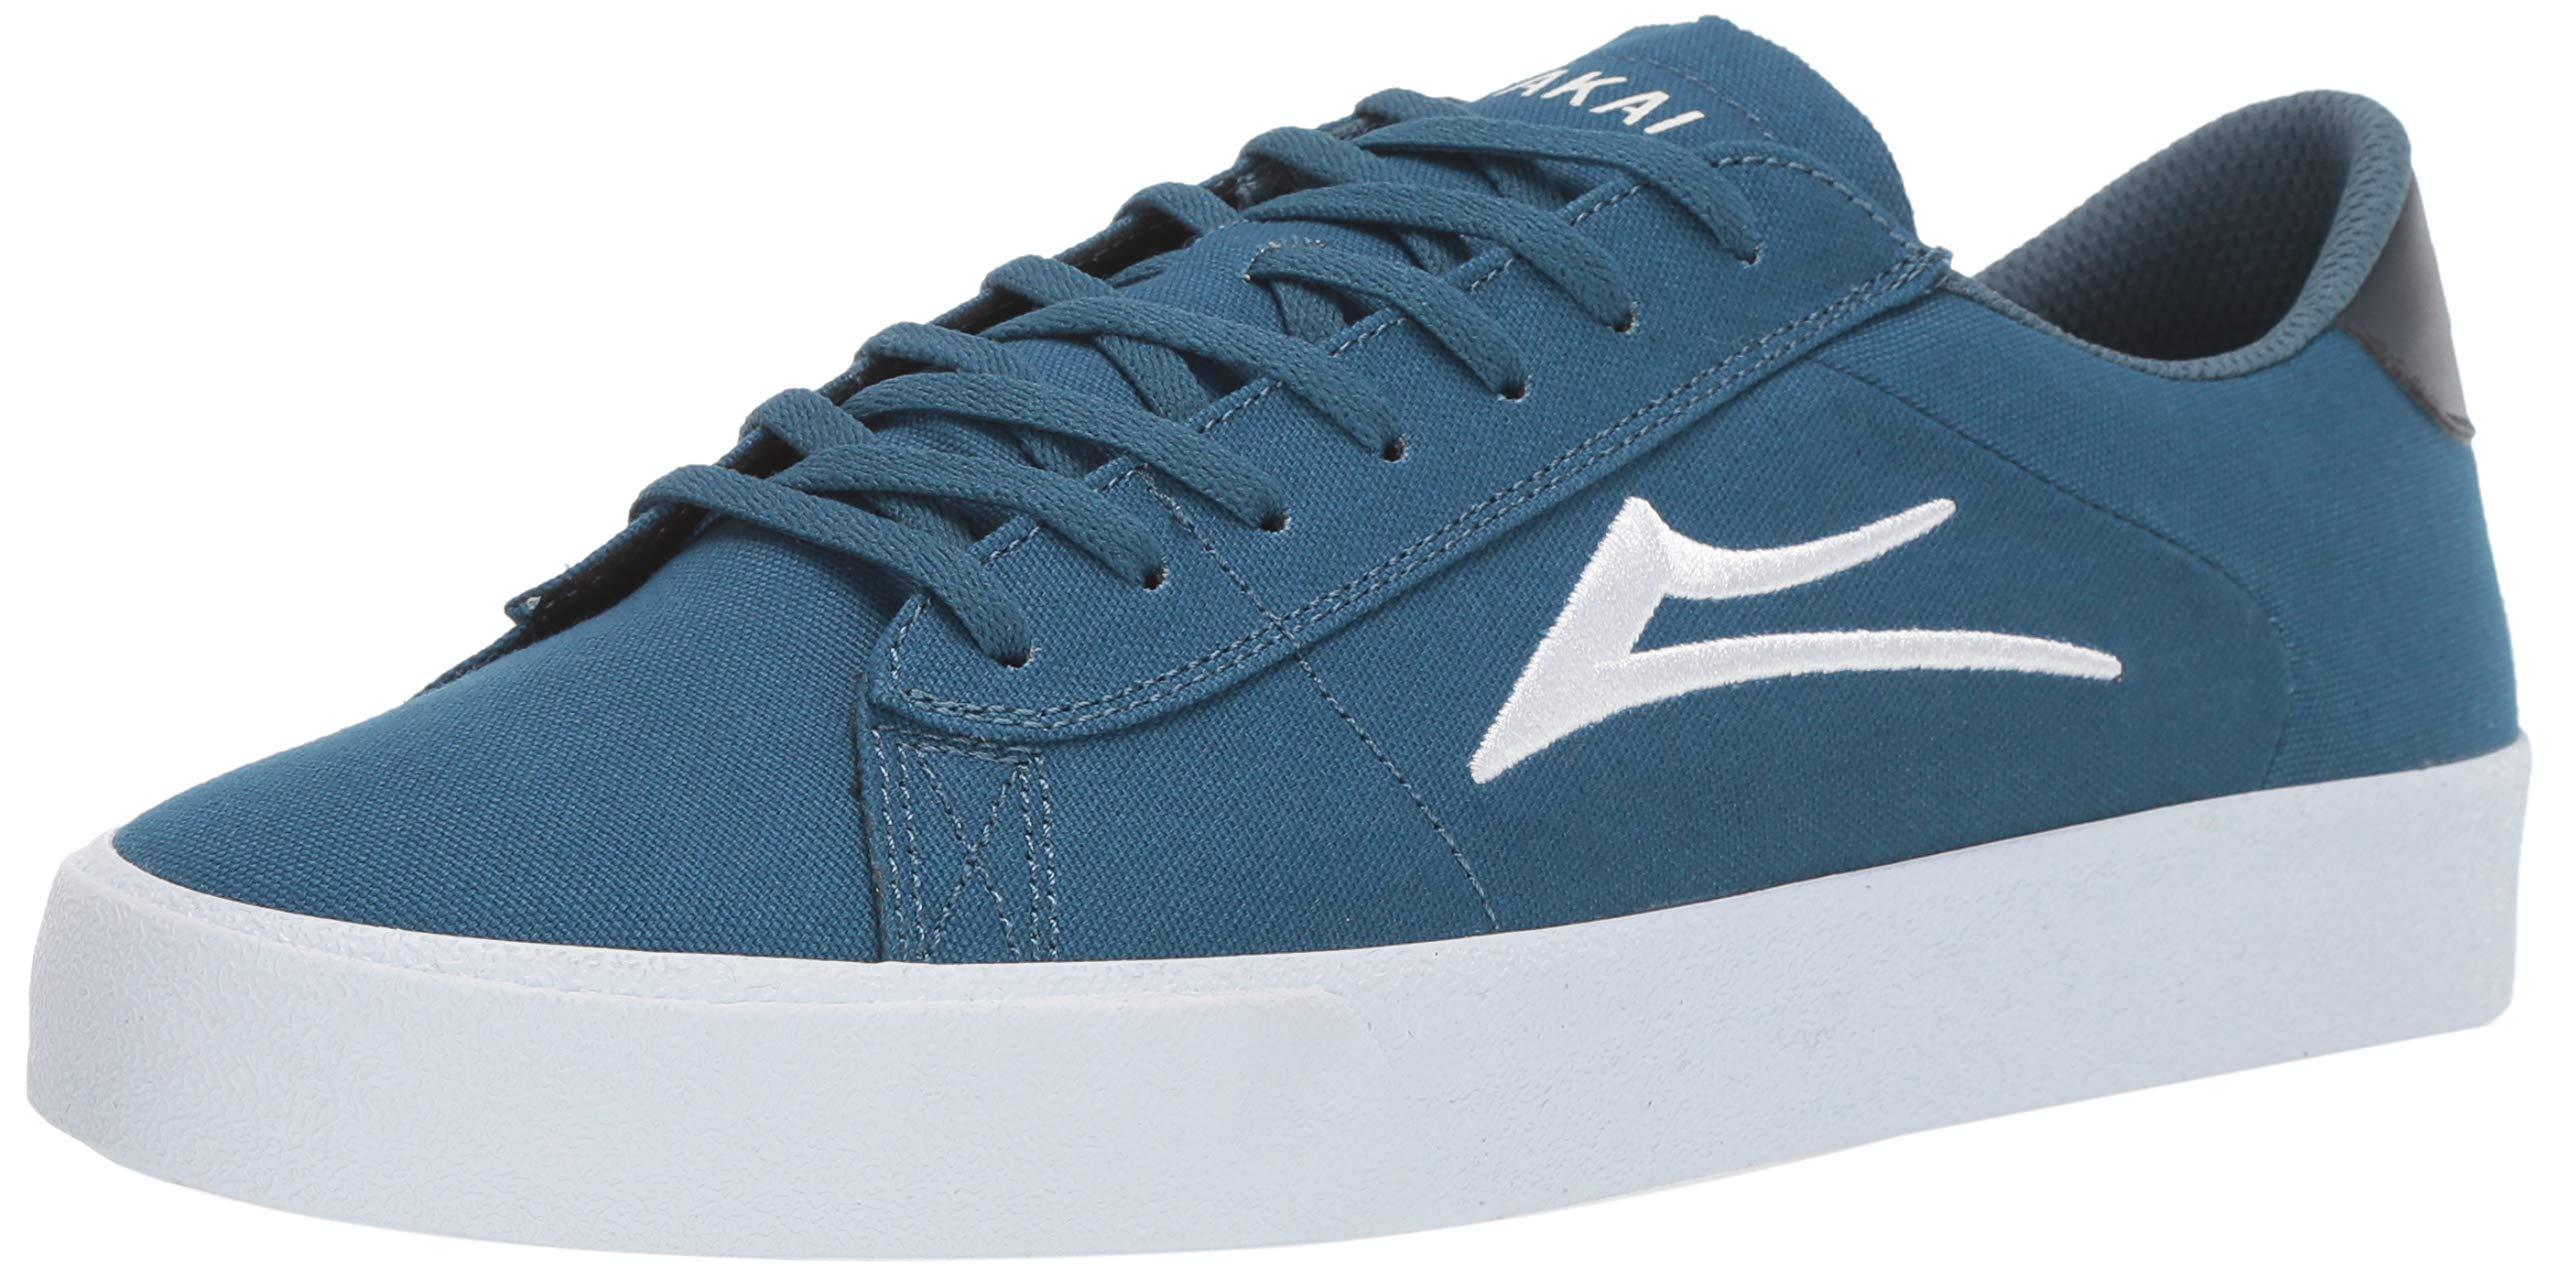 Lakai Limited Footwear Mens Newport Skate